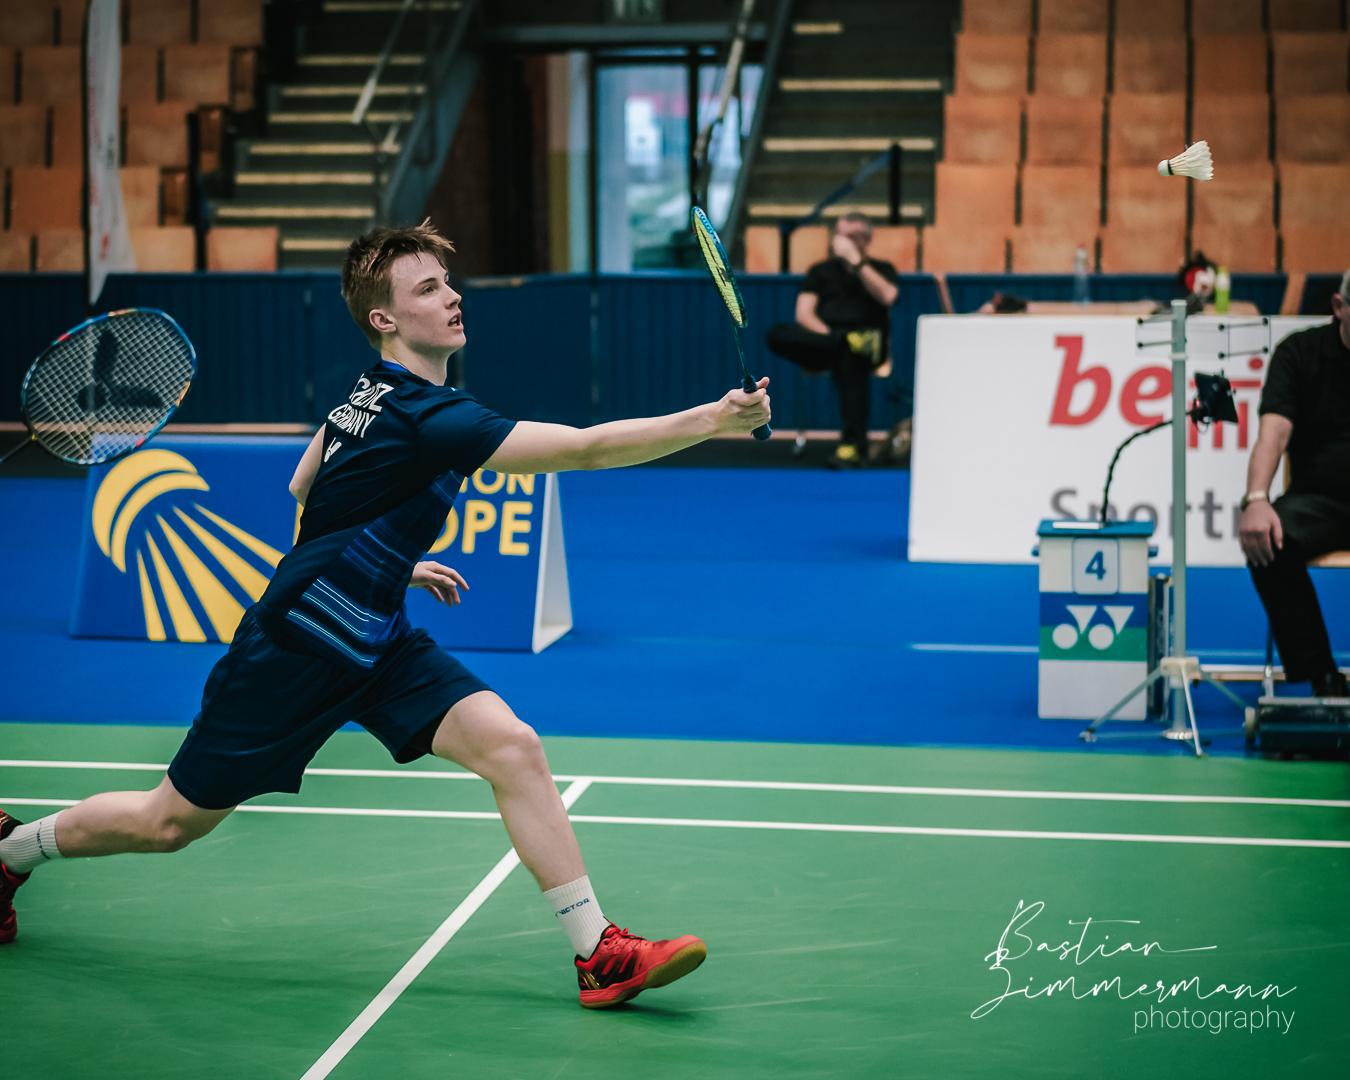 Matthias Kicklitz / Thuc Phuong Nguyen unstoppable